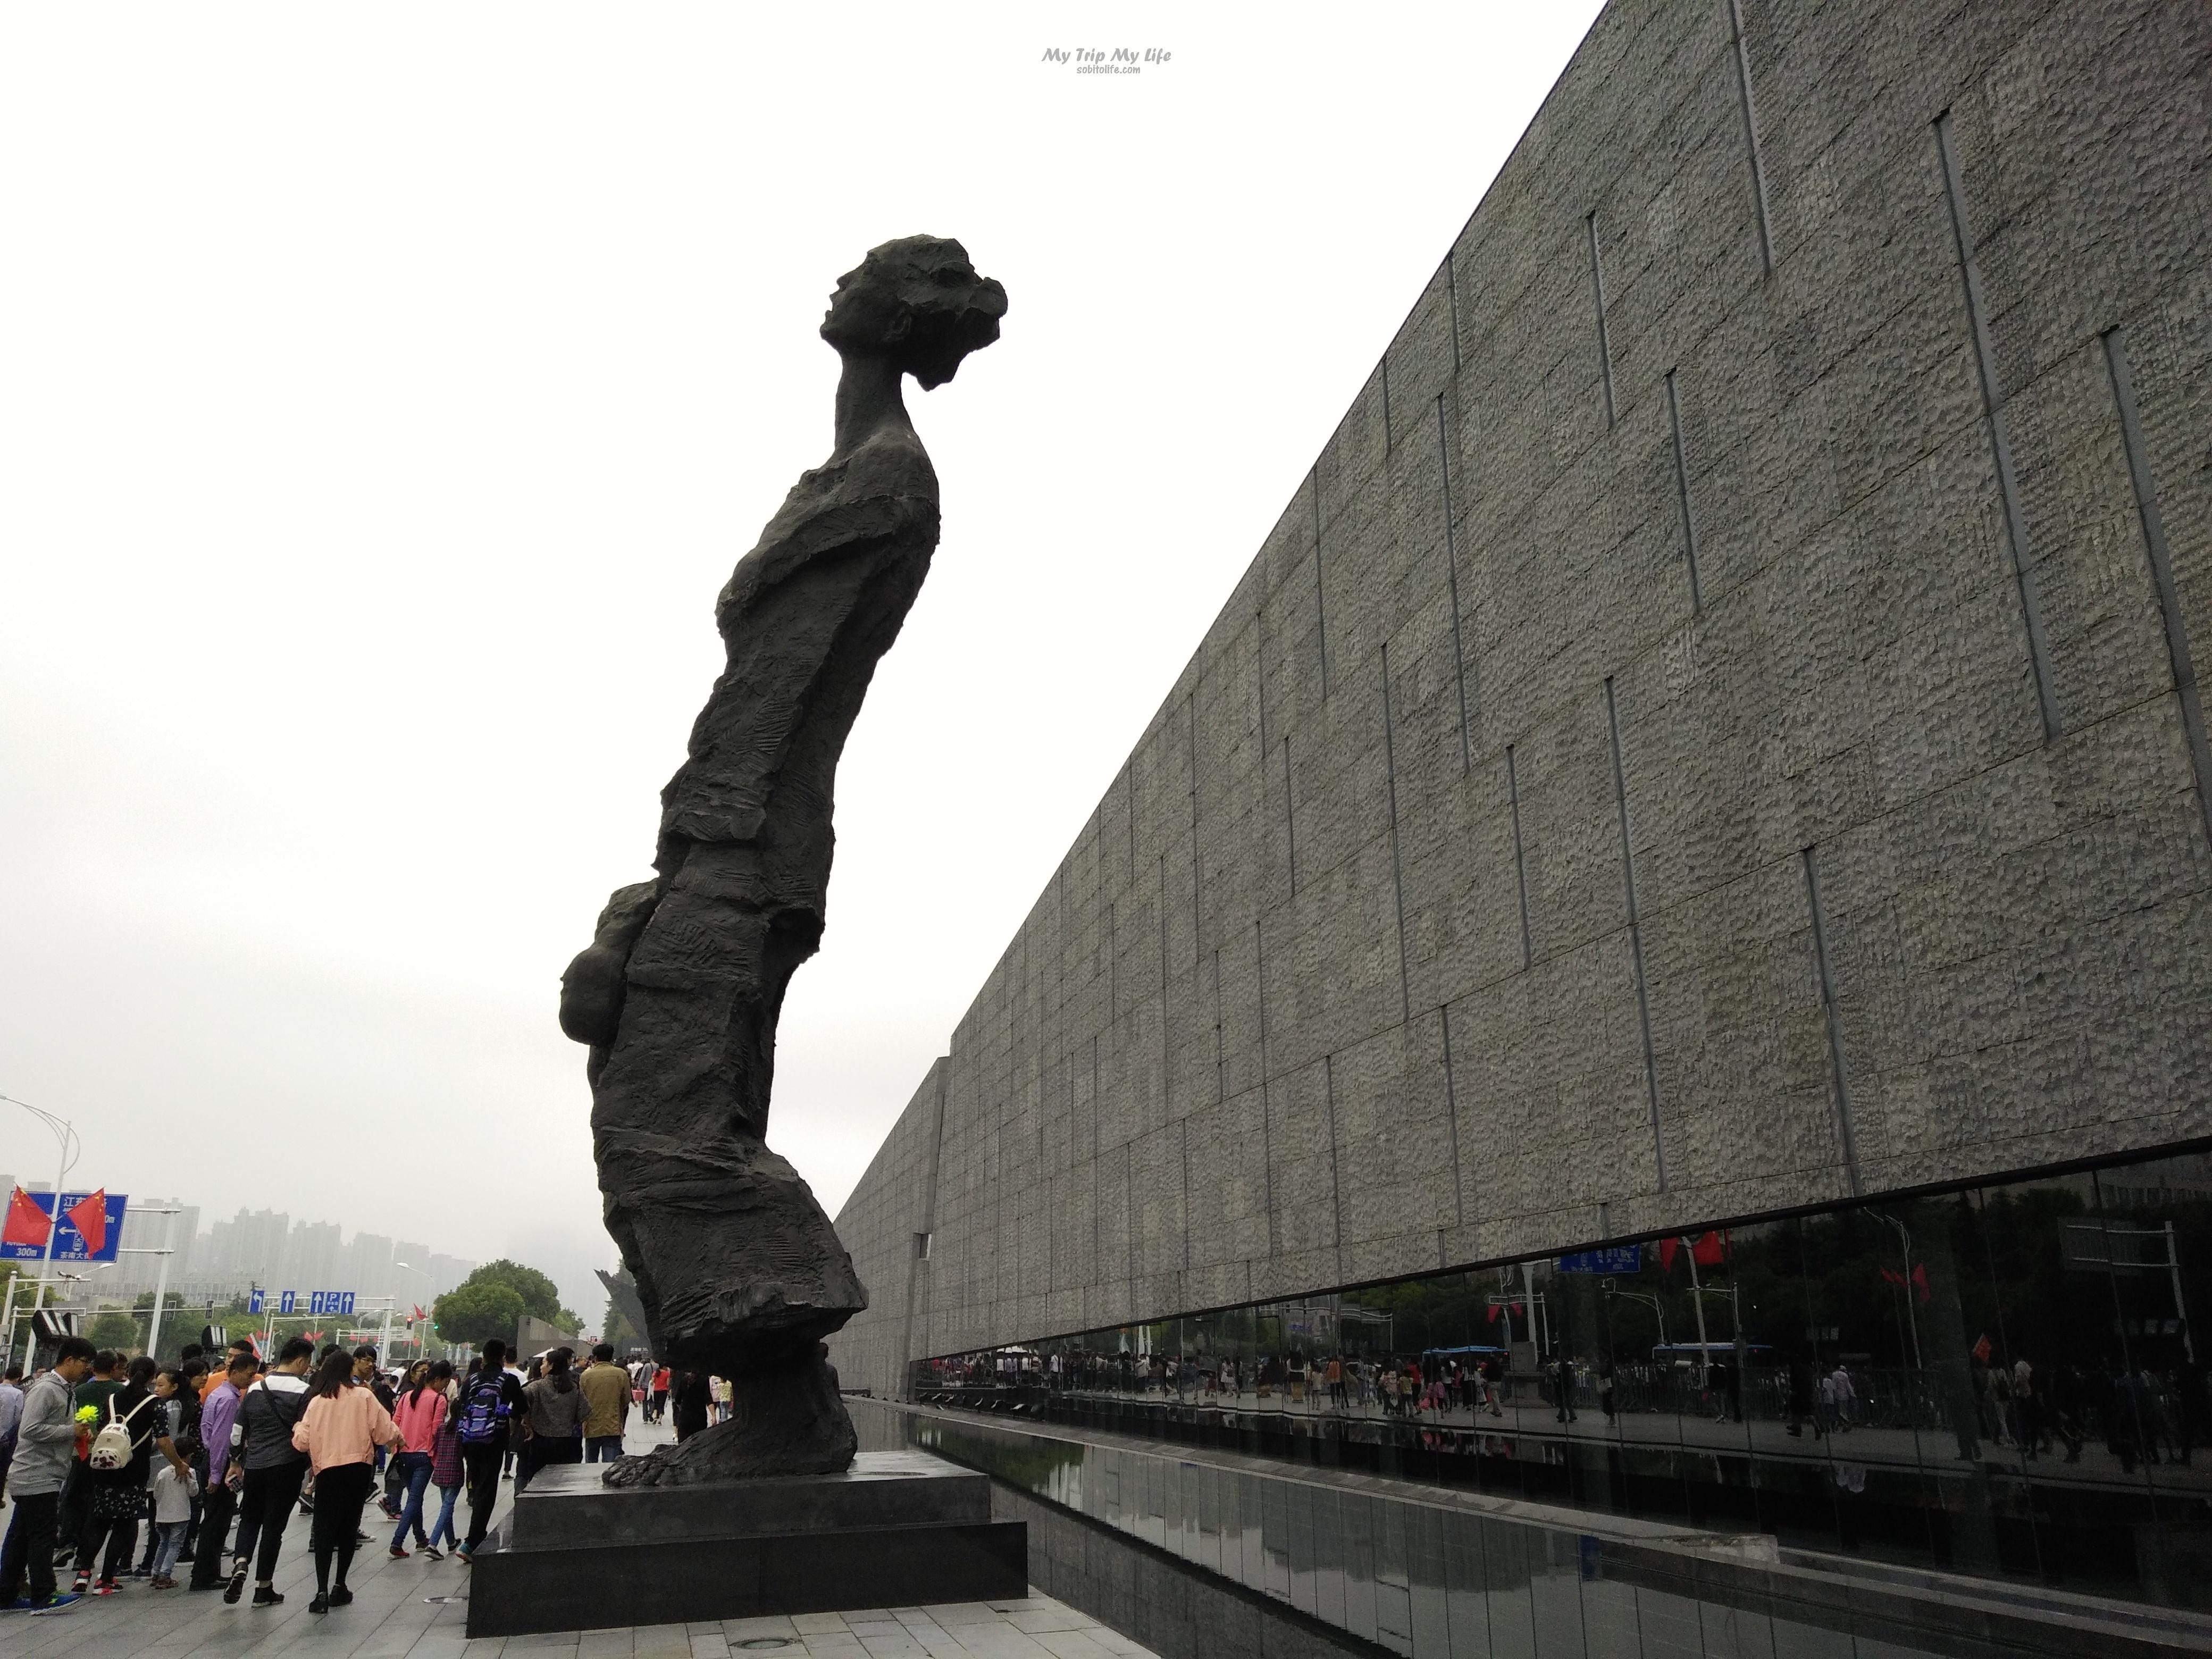 南京|自由行必去六大景點:中山陵、總統府、夫子廟、玄武湖、南京大屠殺紀念館、先鋒書店 @MY TRIP ‧ MY LIFE